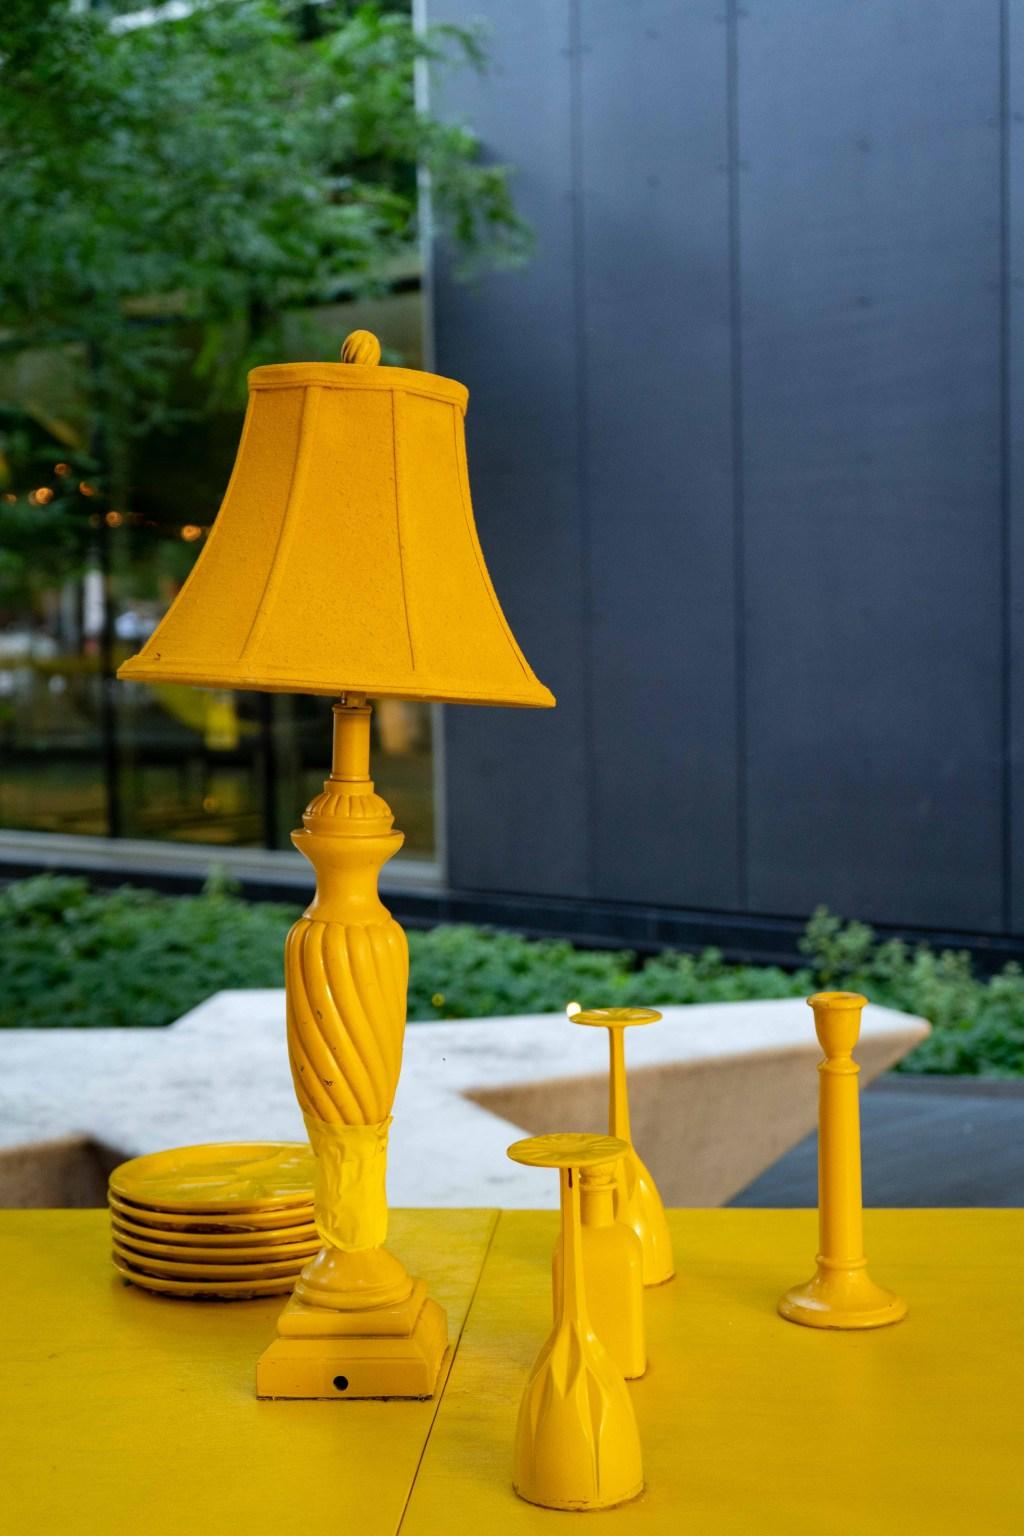 Lampe et autres objects peinturés en jaune